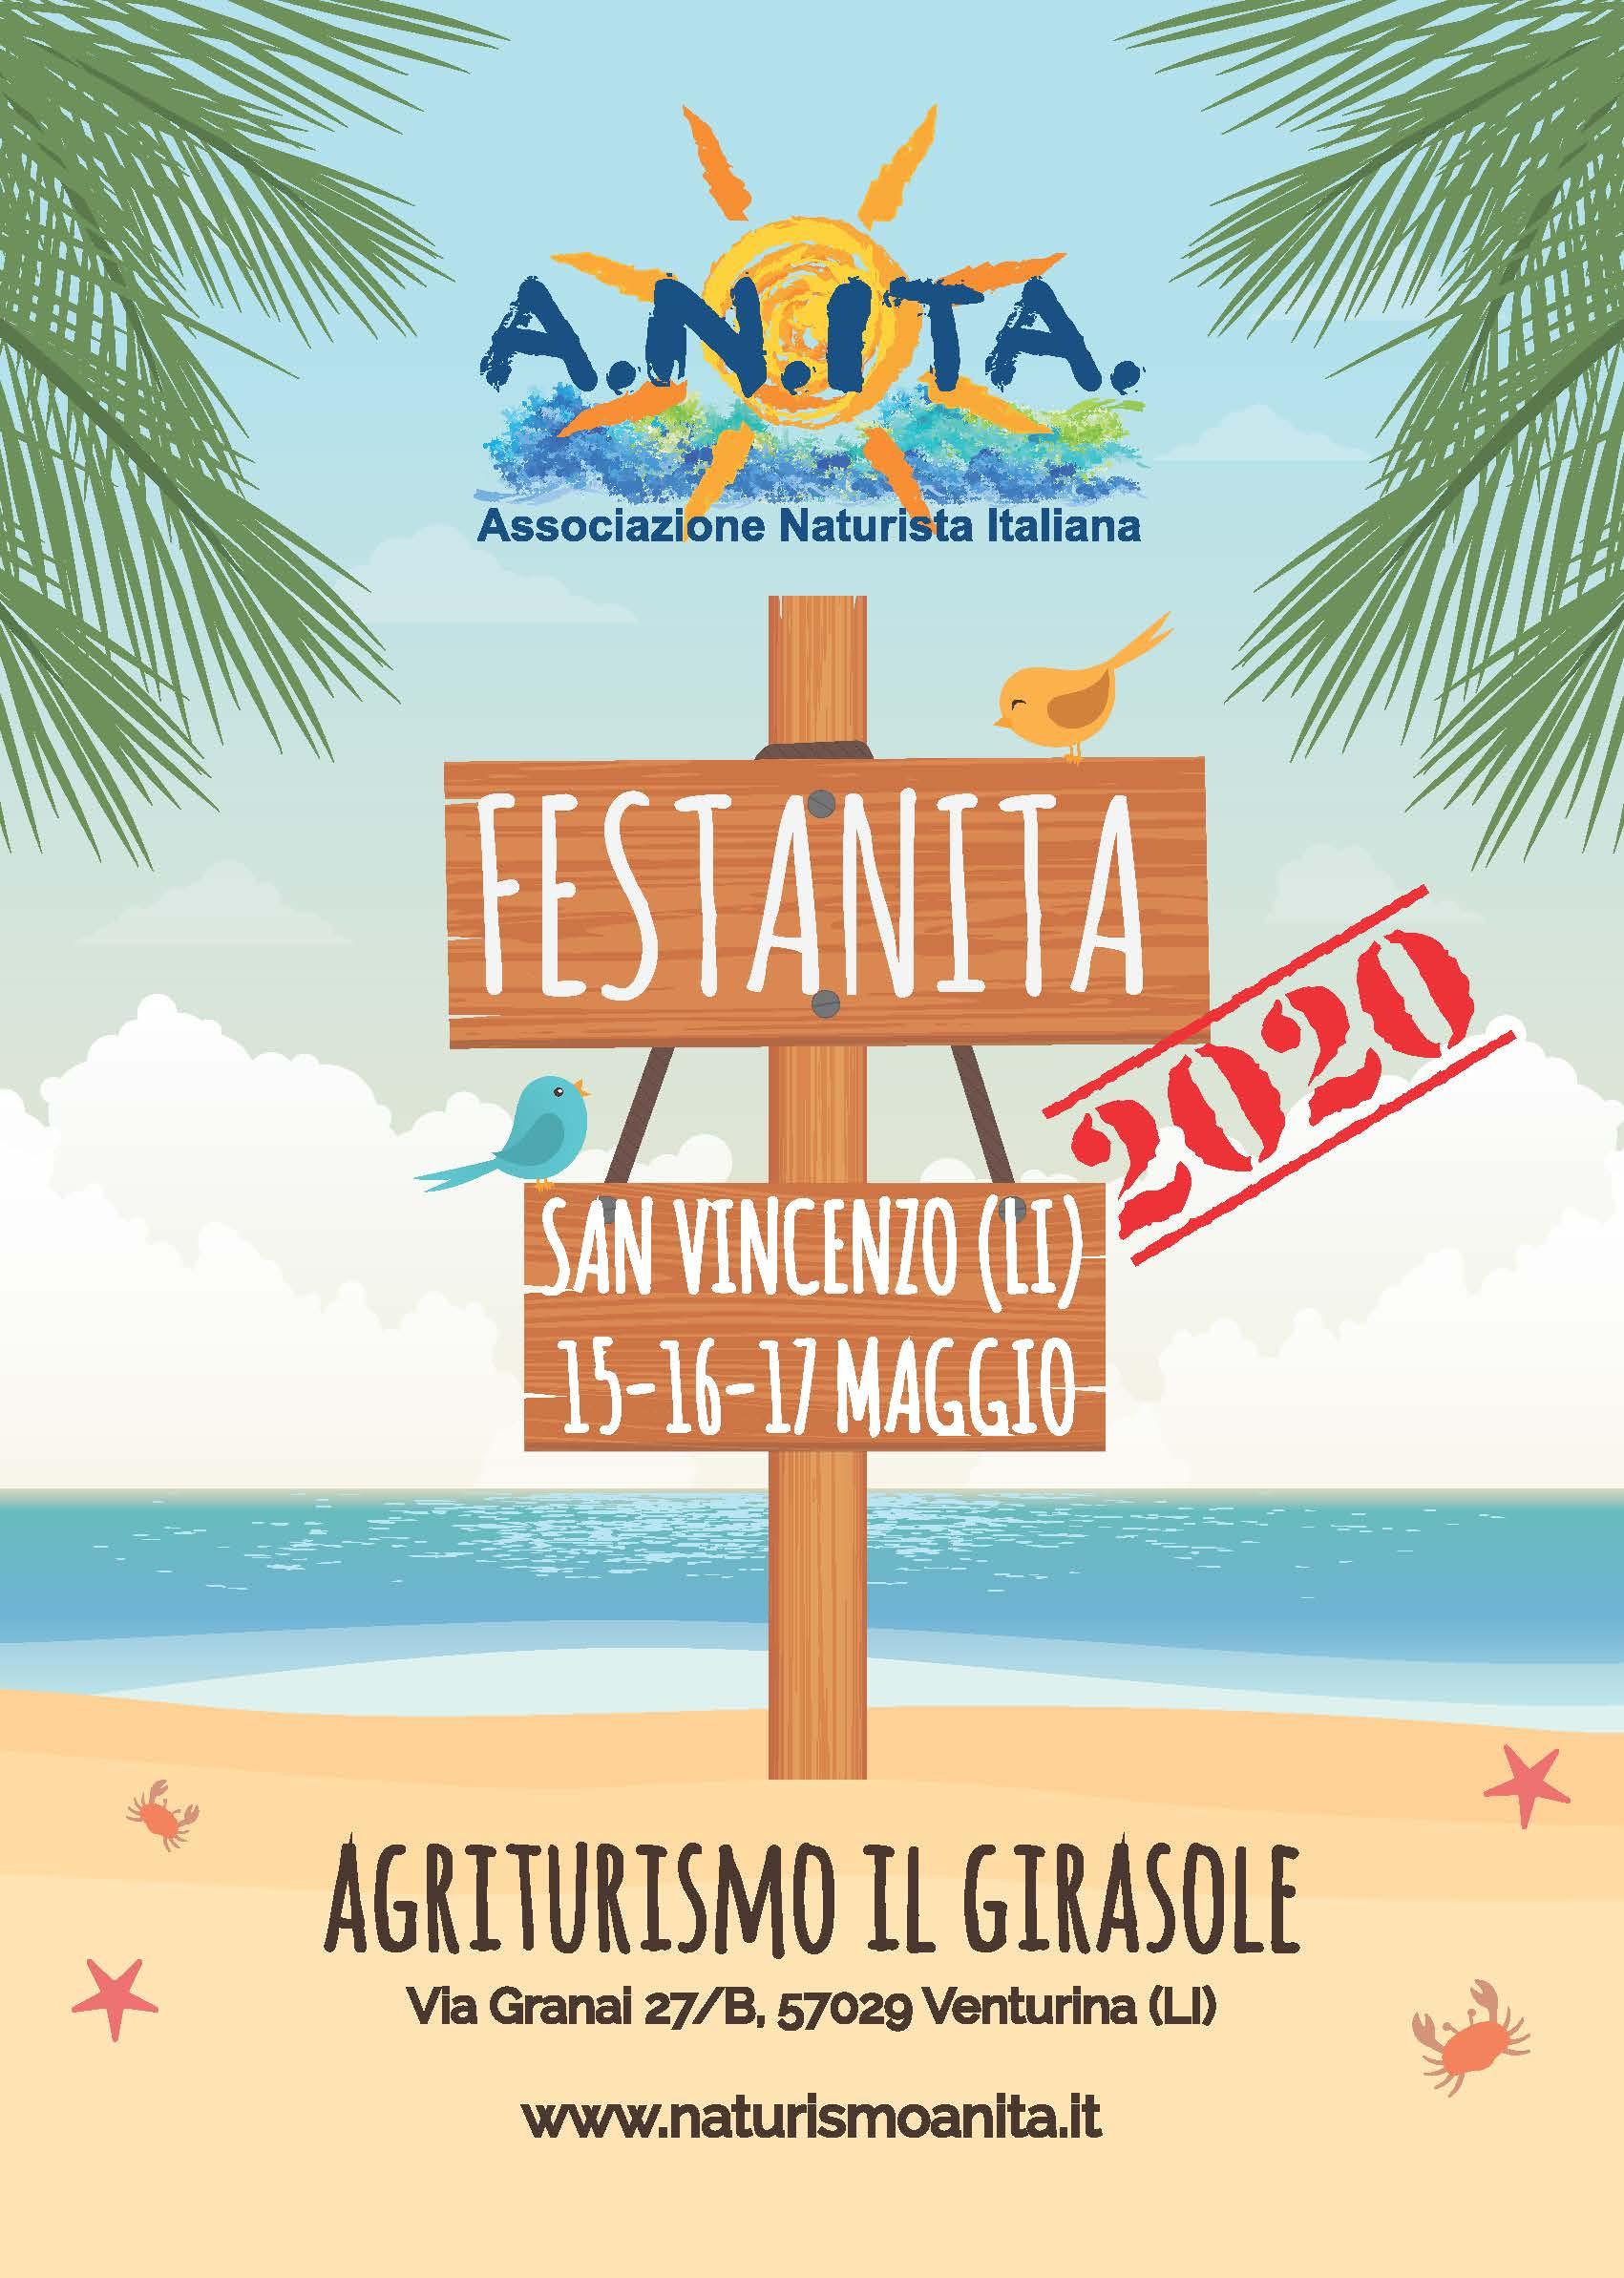 ANITA - FESTANITA 2020  - Fenait